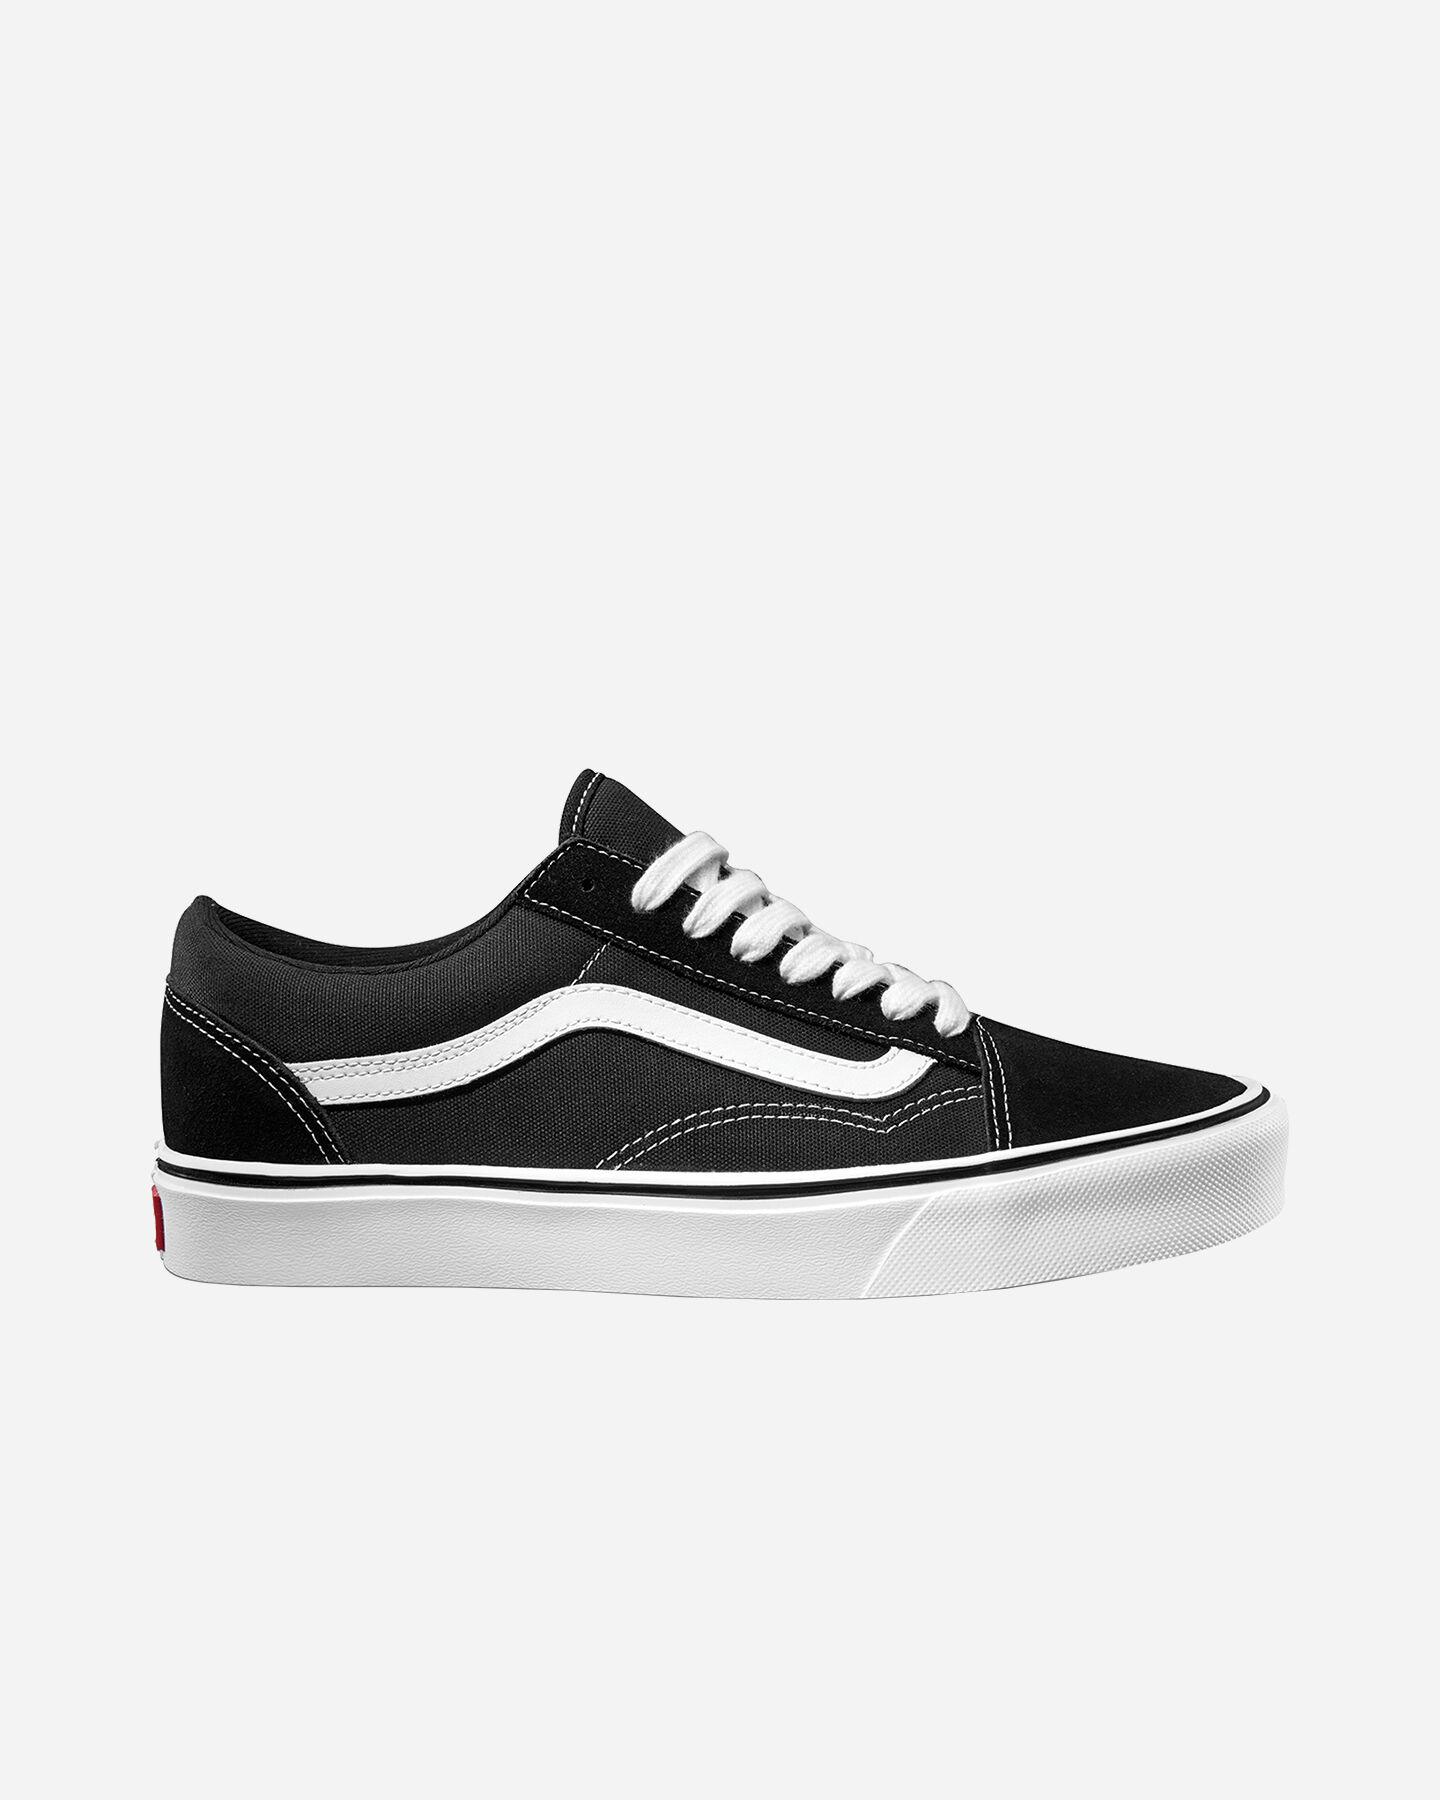 Scarpe sneakers VANS OLD SKOOL W S1306159 scatto 0